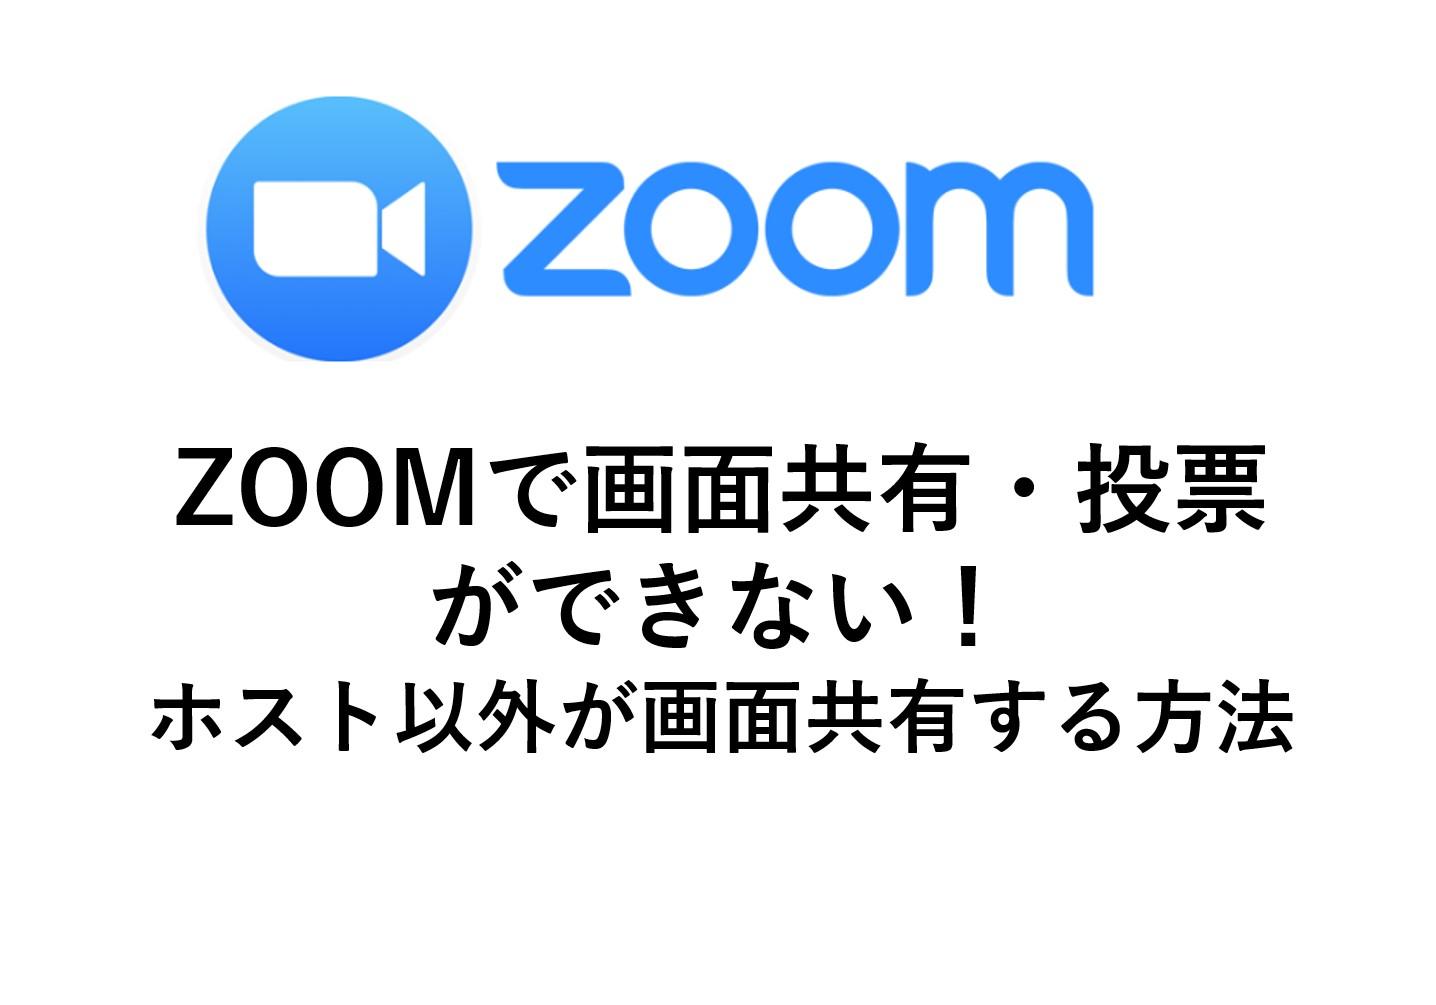 共有 zoom ホスト 以外 画面